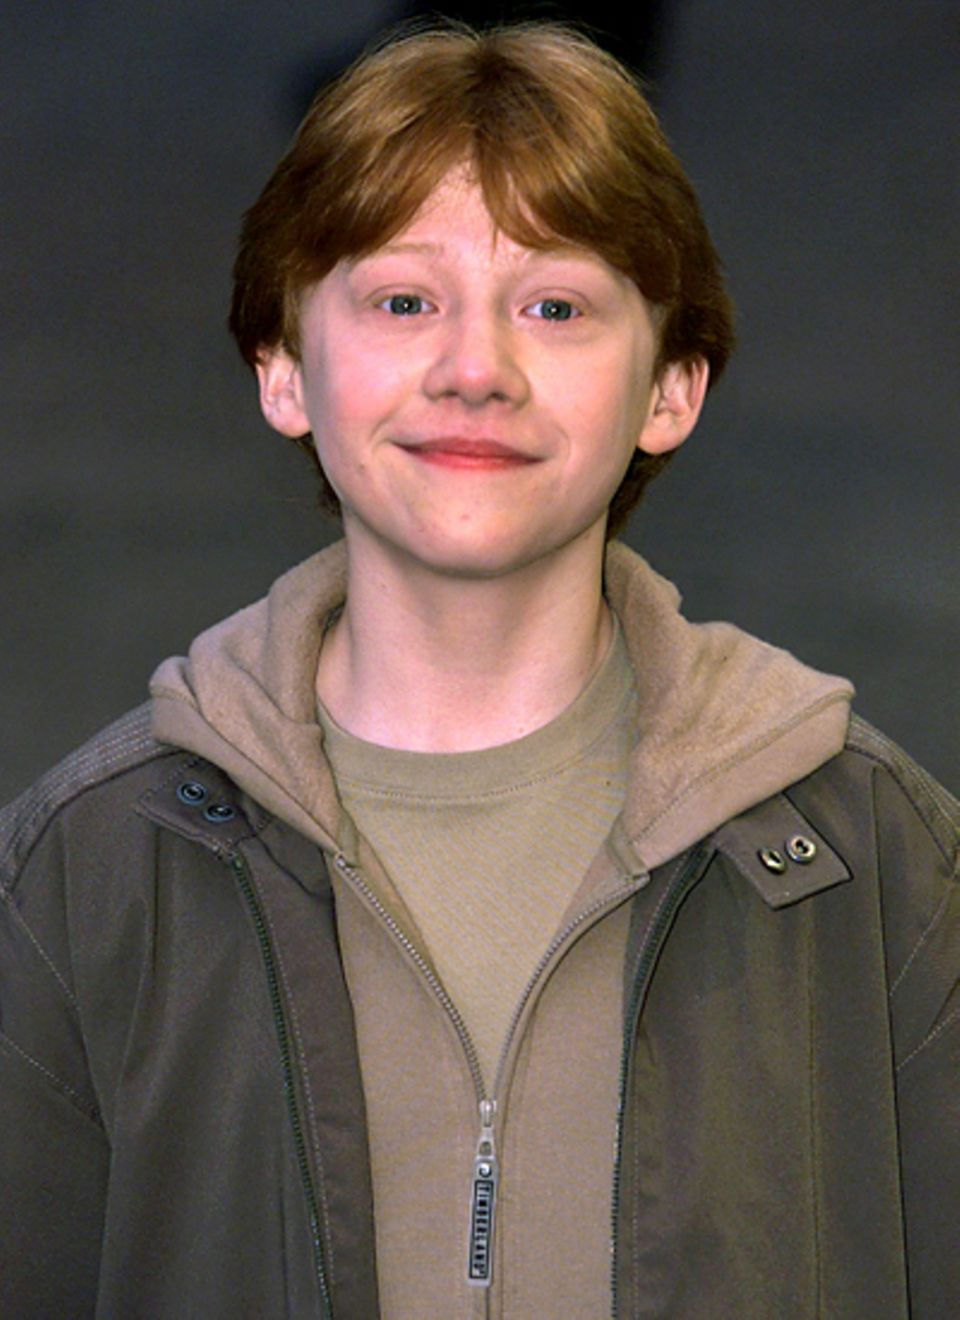 """Harry Potter, damals-heute: 2004: Ein kleiner Junge zeigt sich der Presse bei der Premiere von """"Harry Potter und der Stein der W"""